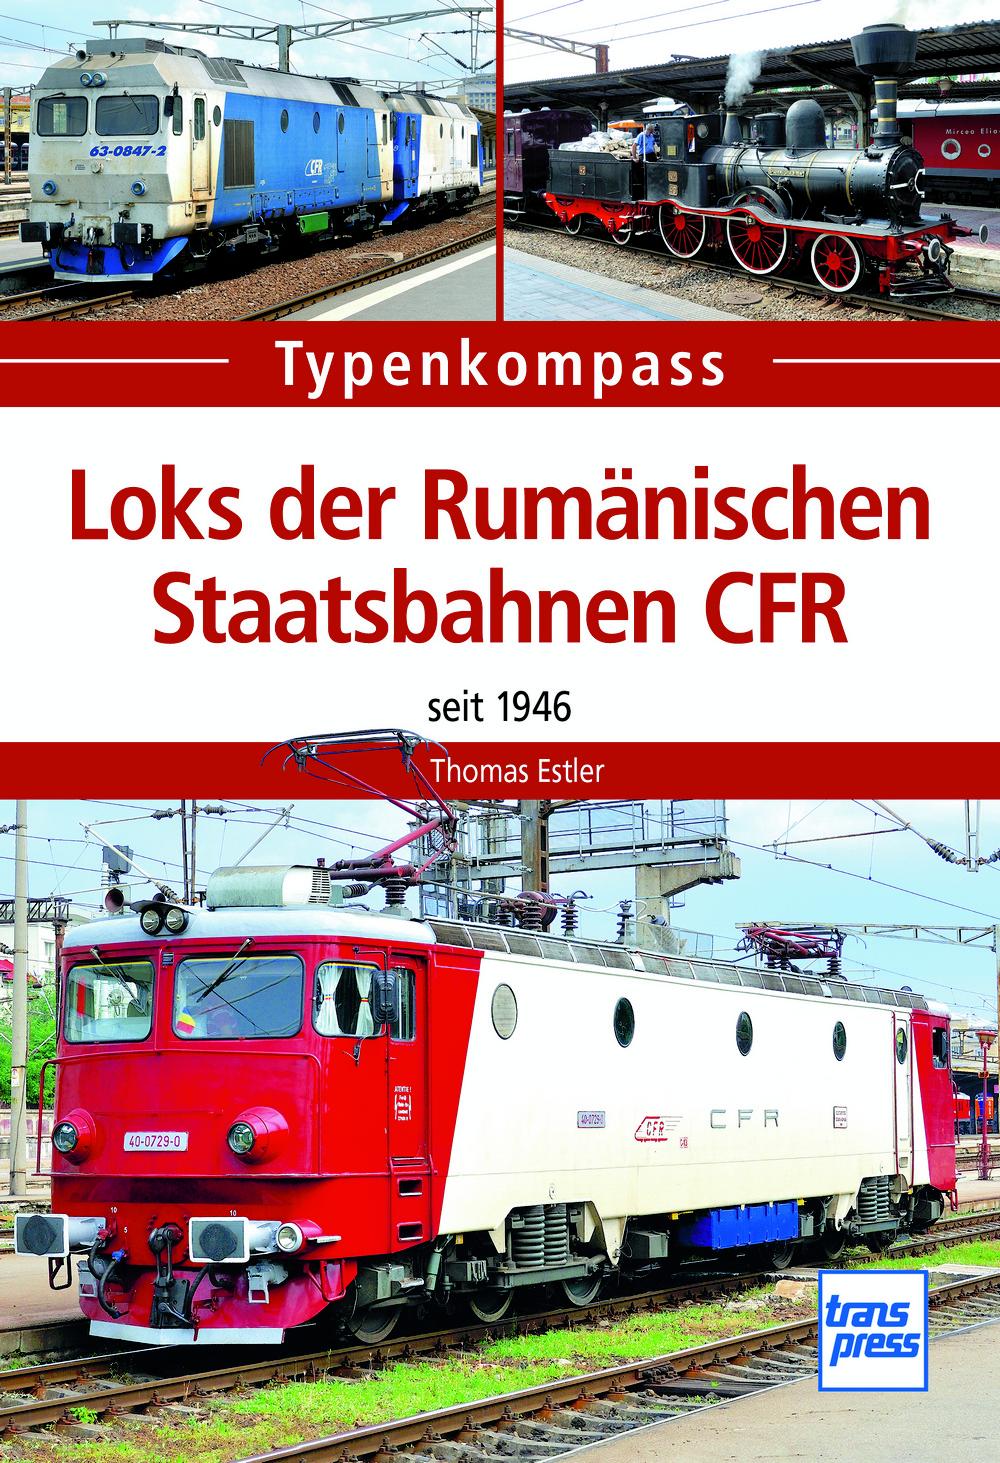 Loks der Rumänischen Staatsbahnen CFR